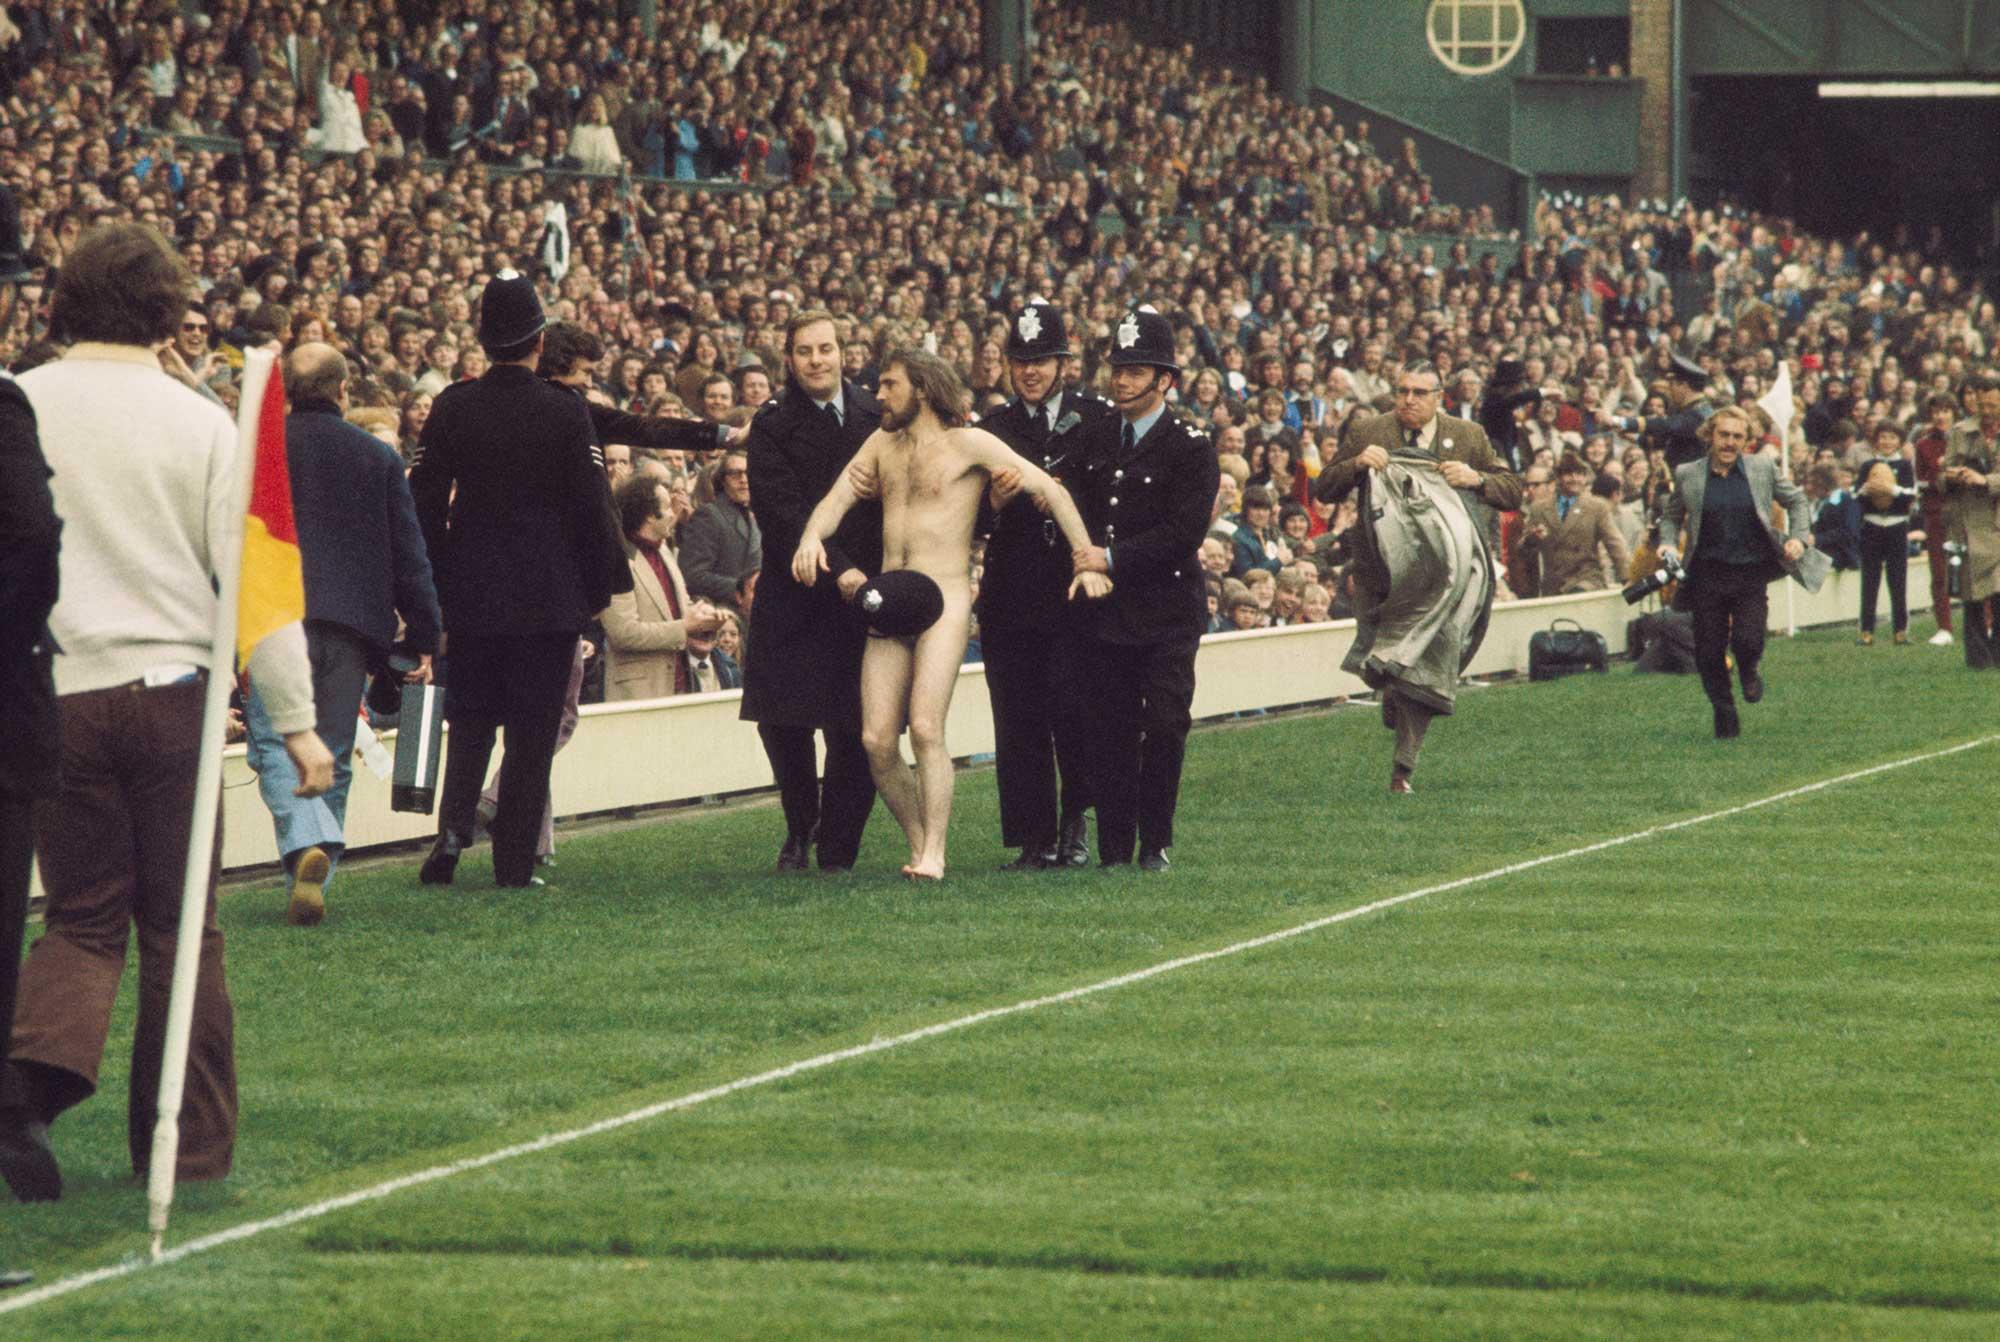 Color Sport Photography Ian Bradshaw Streaker Michael O'Brien ha arrestato una partita internazionale di rugby tra Inghilterra e Francia, 1974